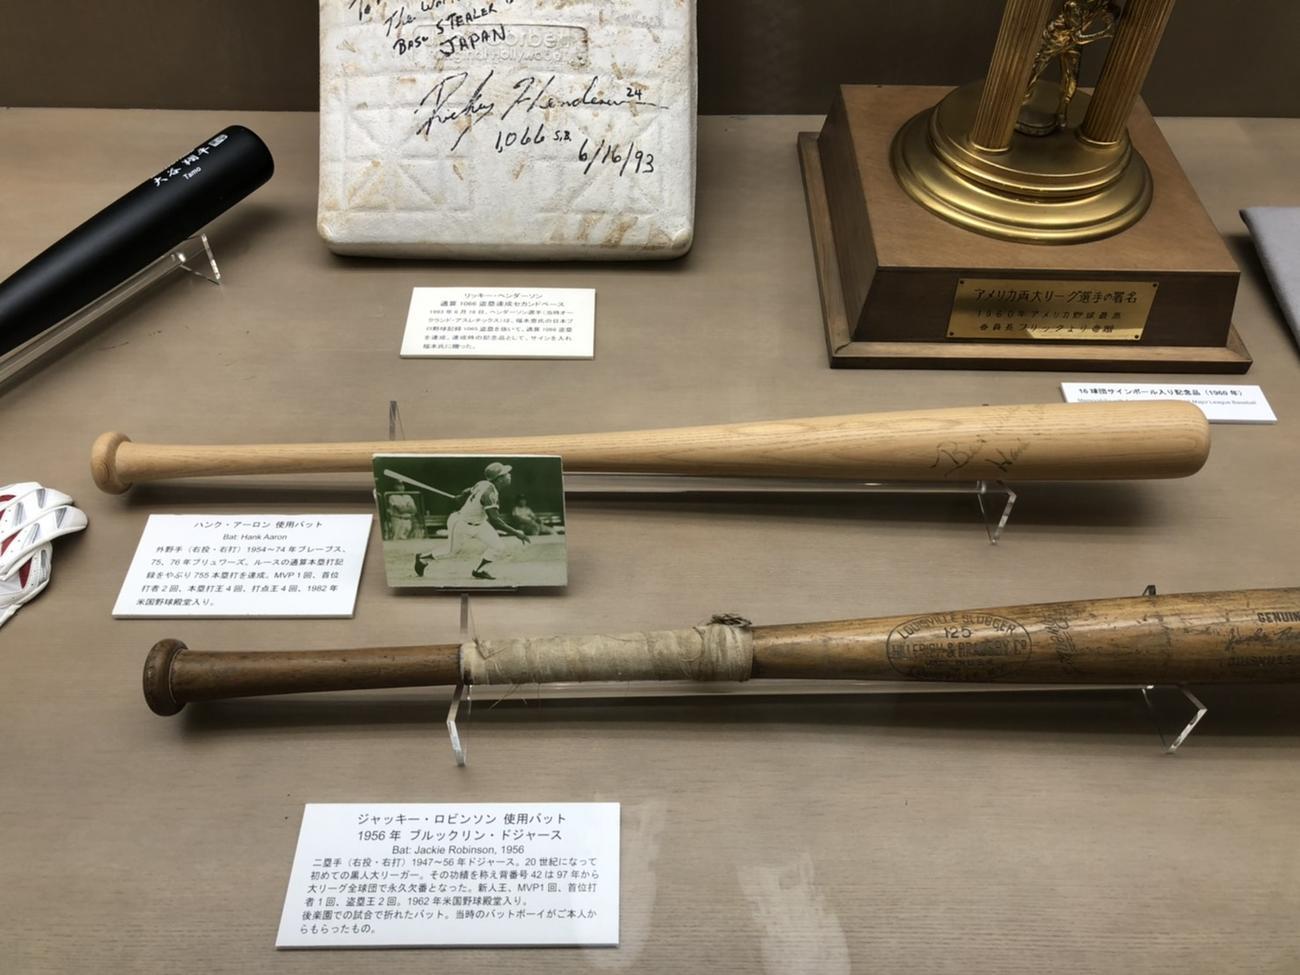 野球殿堂博物館展示のハンク・アーロン氏のバット(中央上)